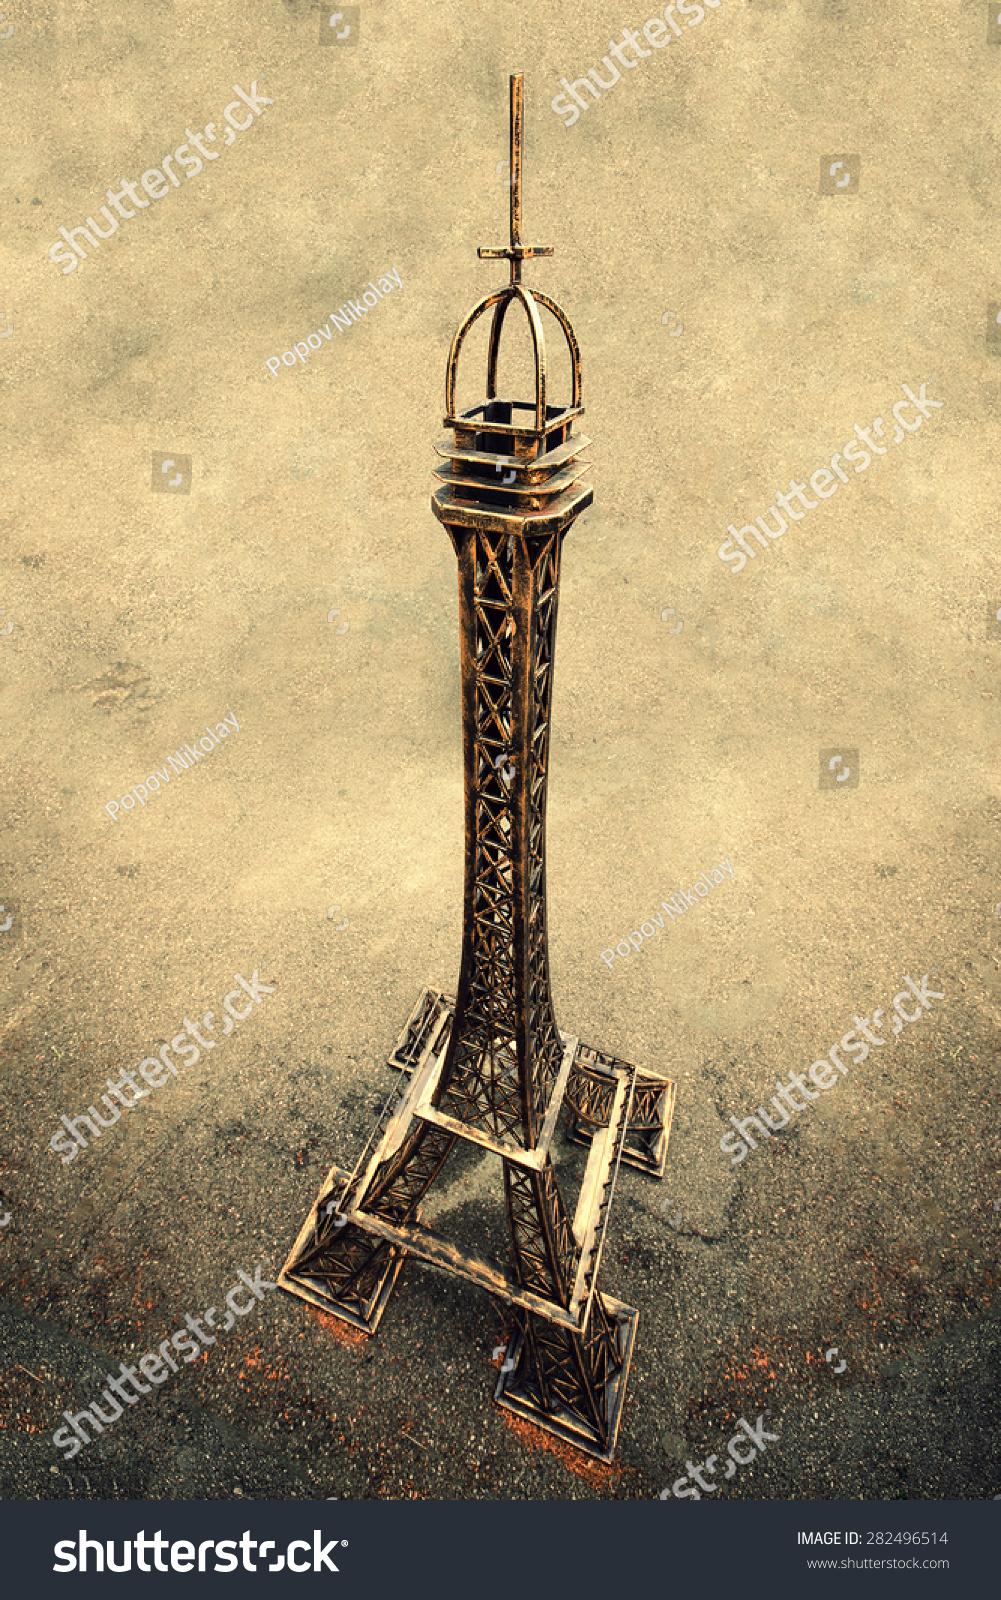 埃菲尔铁塔在一个棕色的背景上